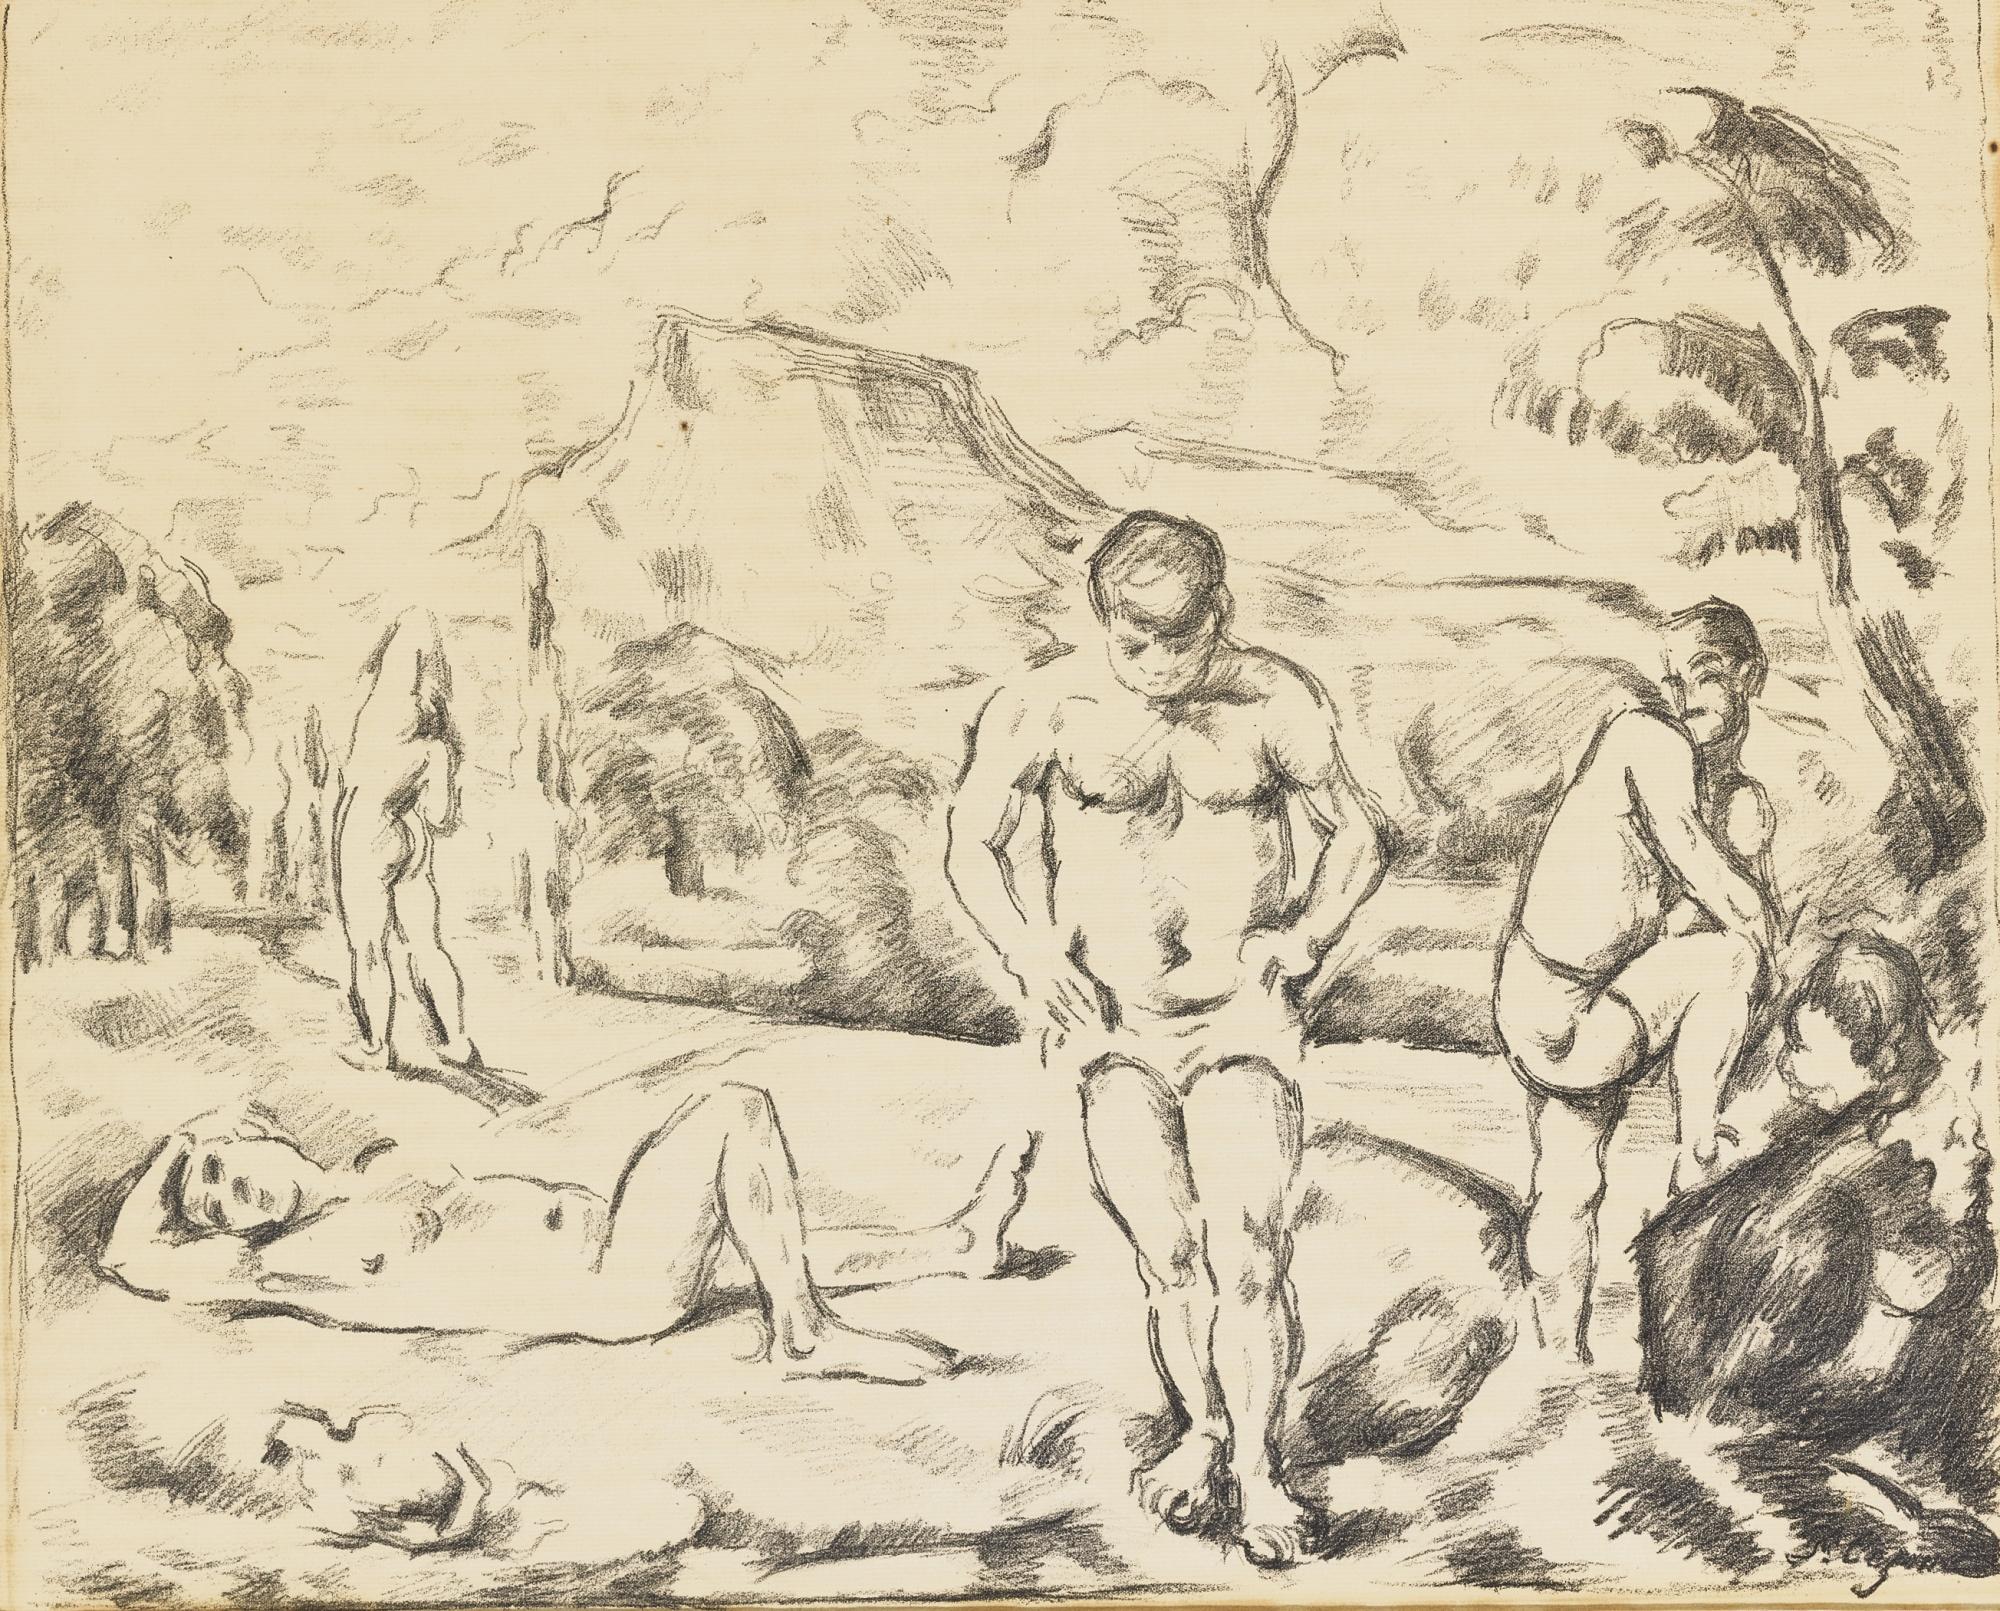 Paul Cezanne-The Large Bathers (Venturi 1157)-1898